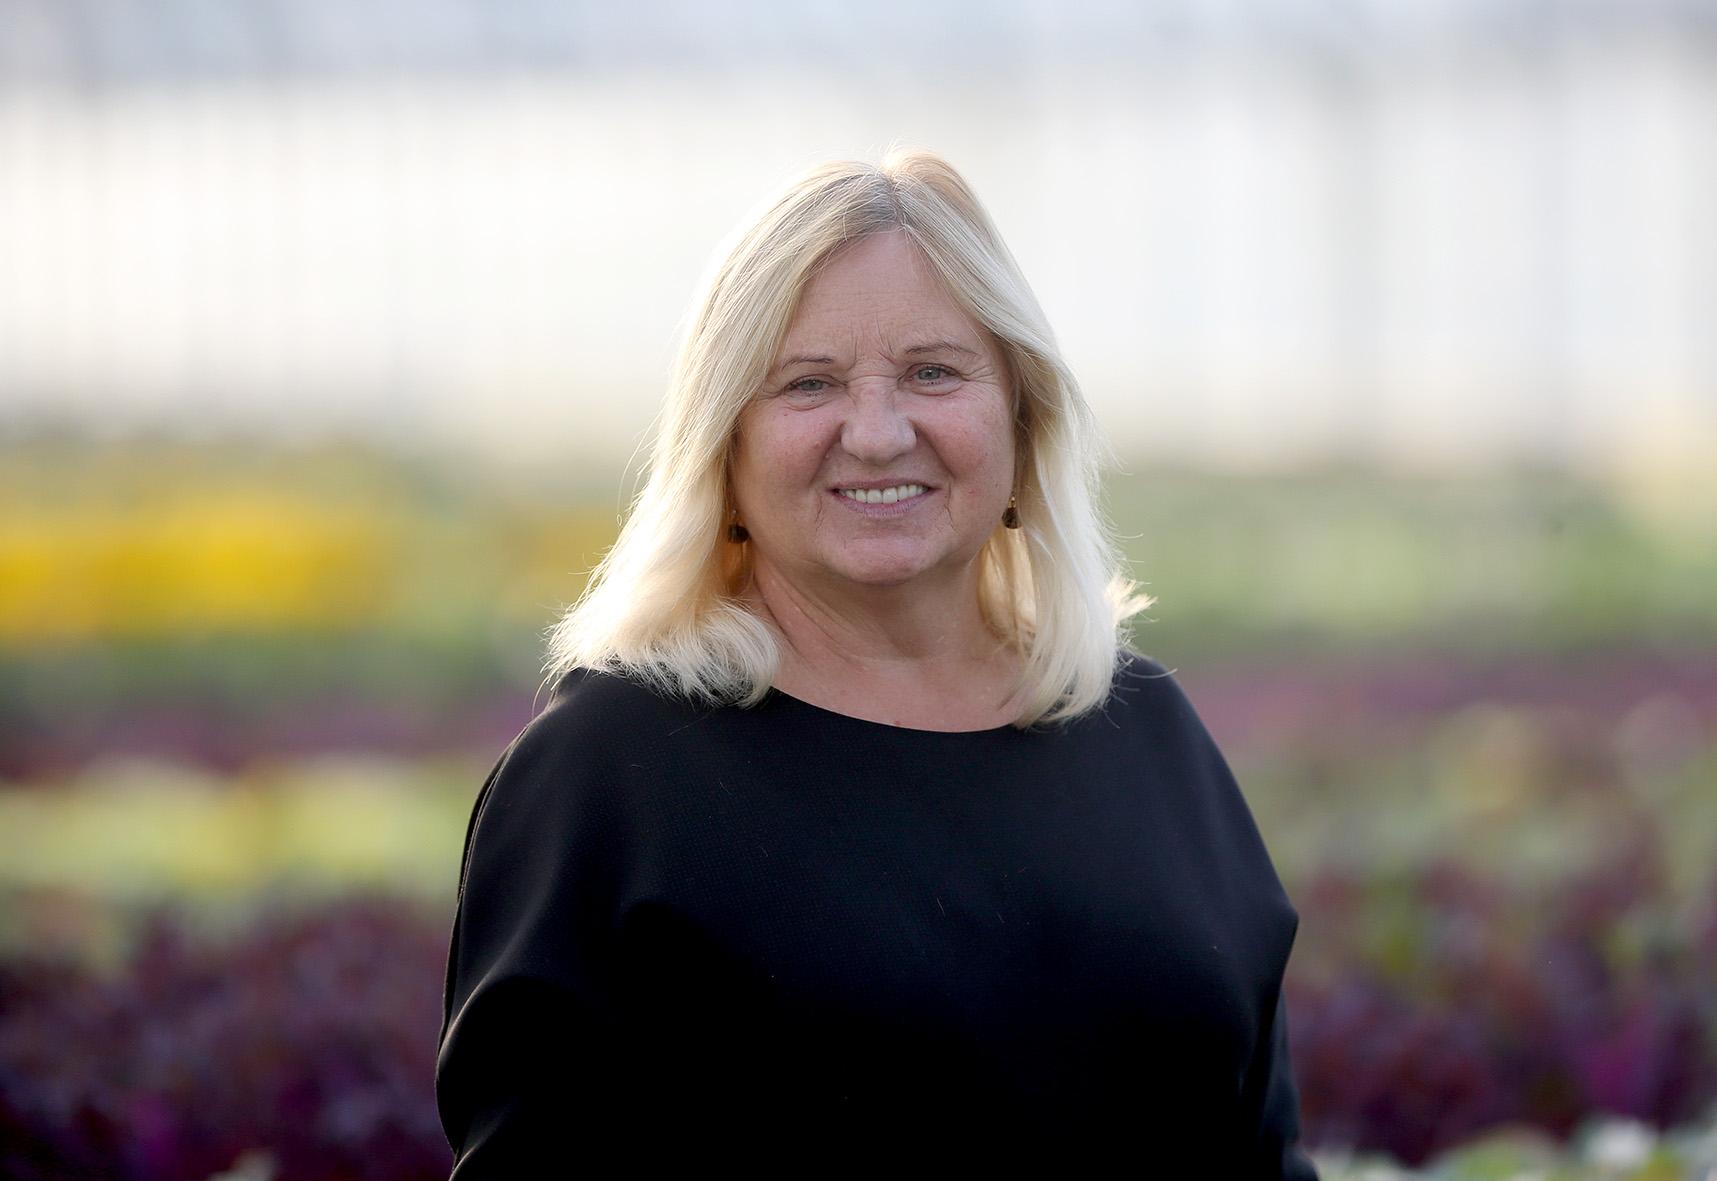 """UAB """"Josvainių gėlės"""" savininkė ir vadovė Irena Marmienė neslėpė nusivylimo, kad gėlininkams apskritai skiriama per mažai dėmesio ir dotacijų. Algimanto Barzdžiaus nuotr."""